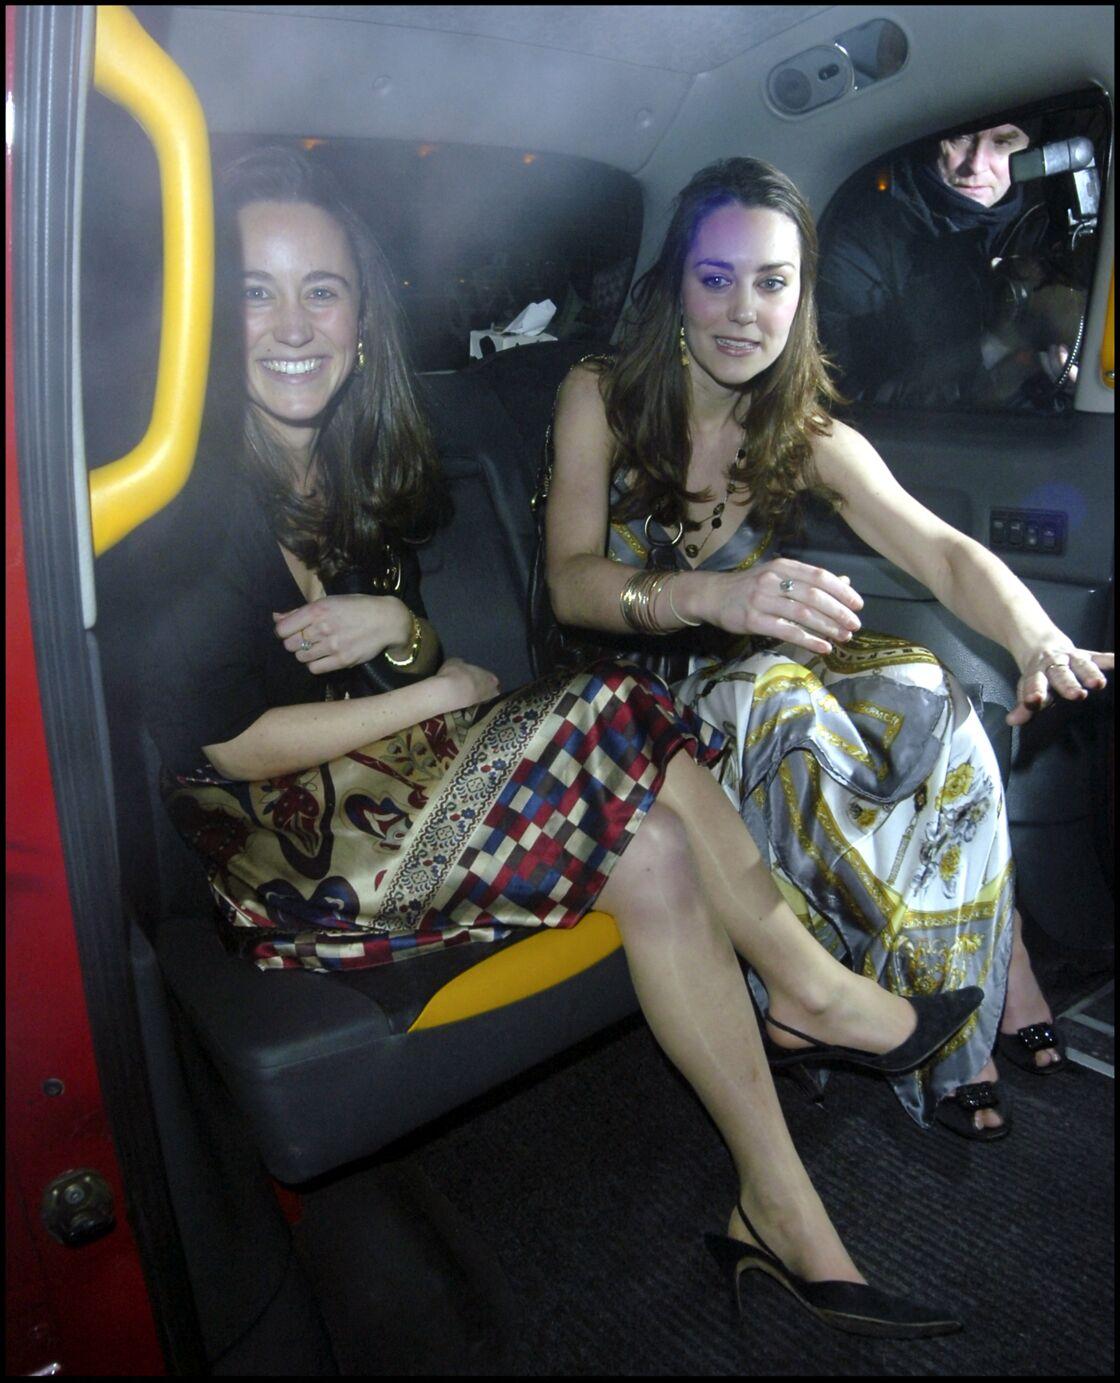 Kate Middleton et sa soeur Pippa Middleton alors qu'elle vient de passer une soirée au Mahiki Club, à Londres, avec le prince William, en 2007